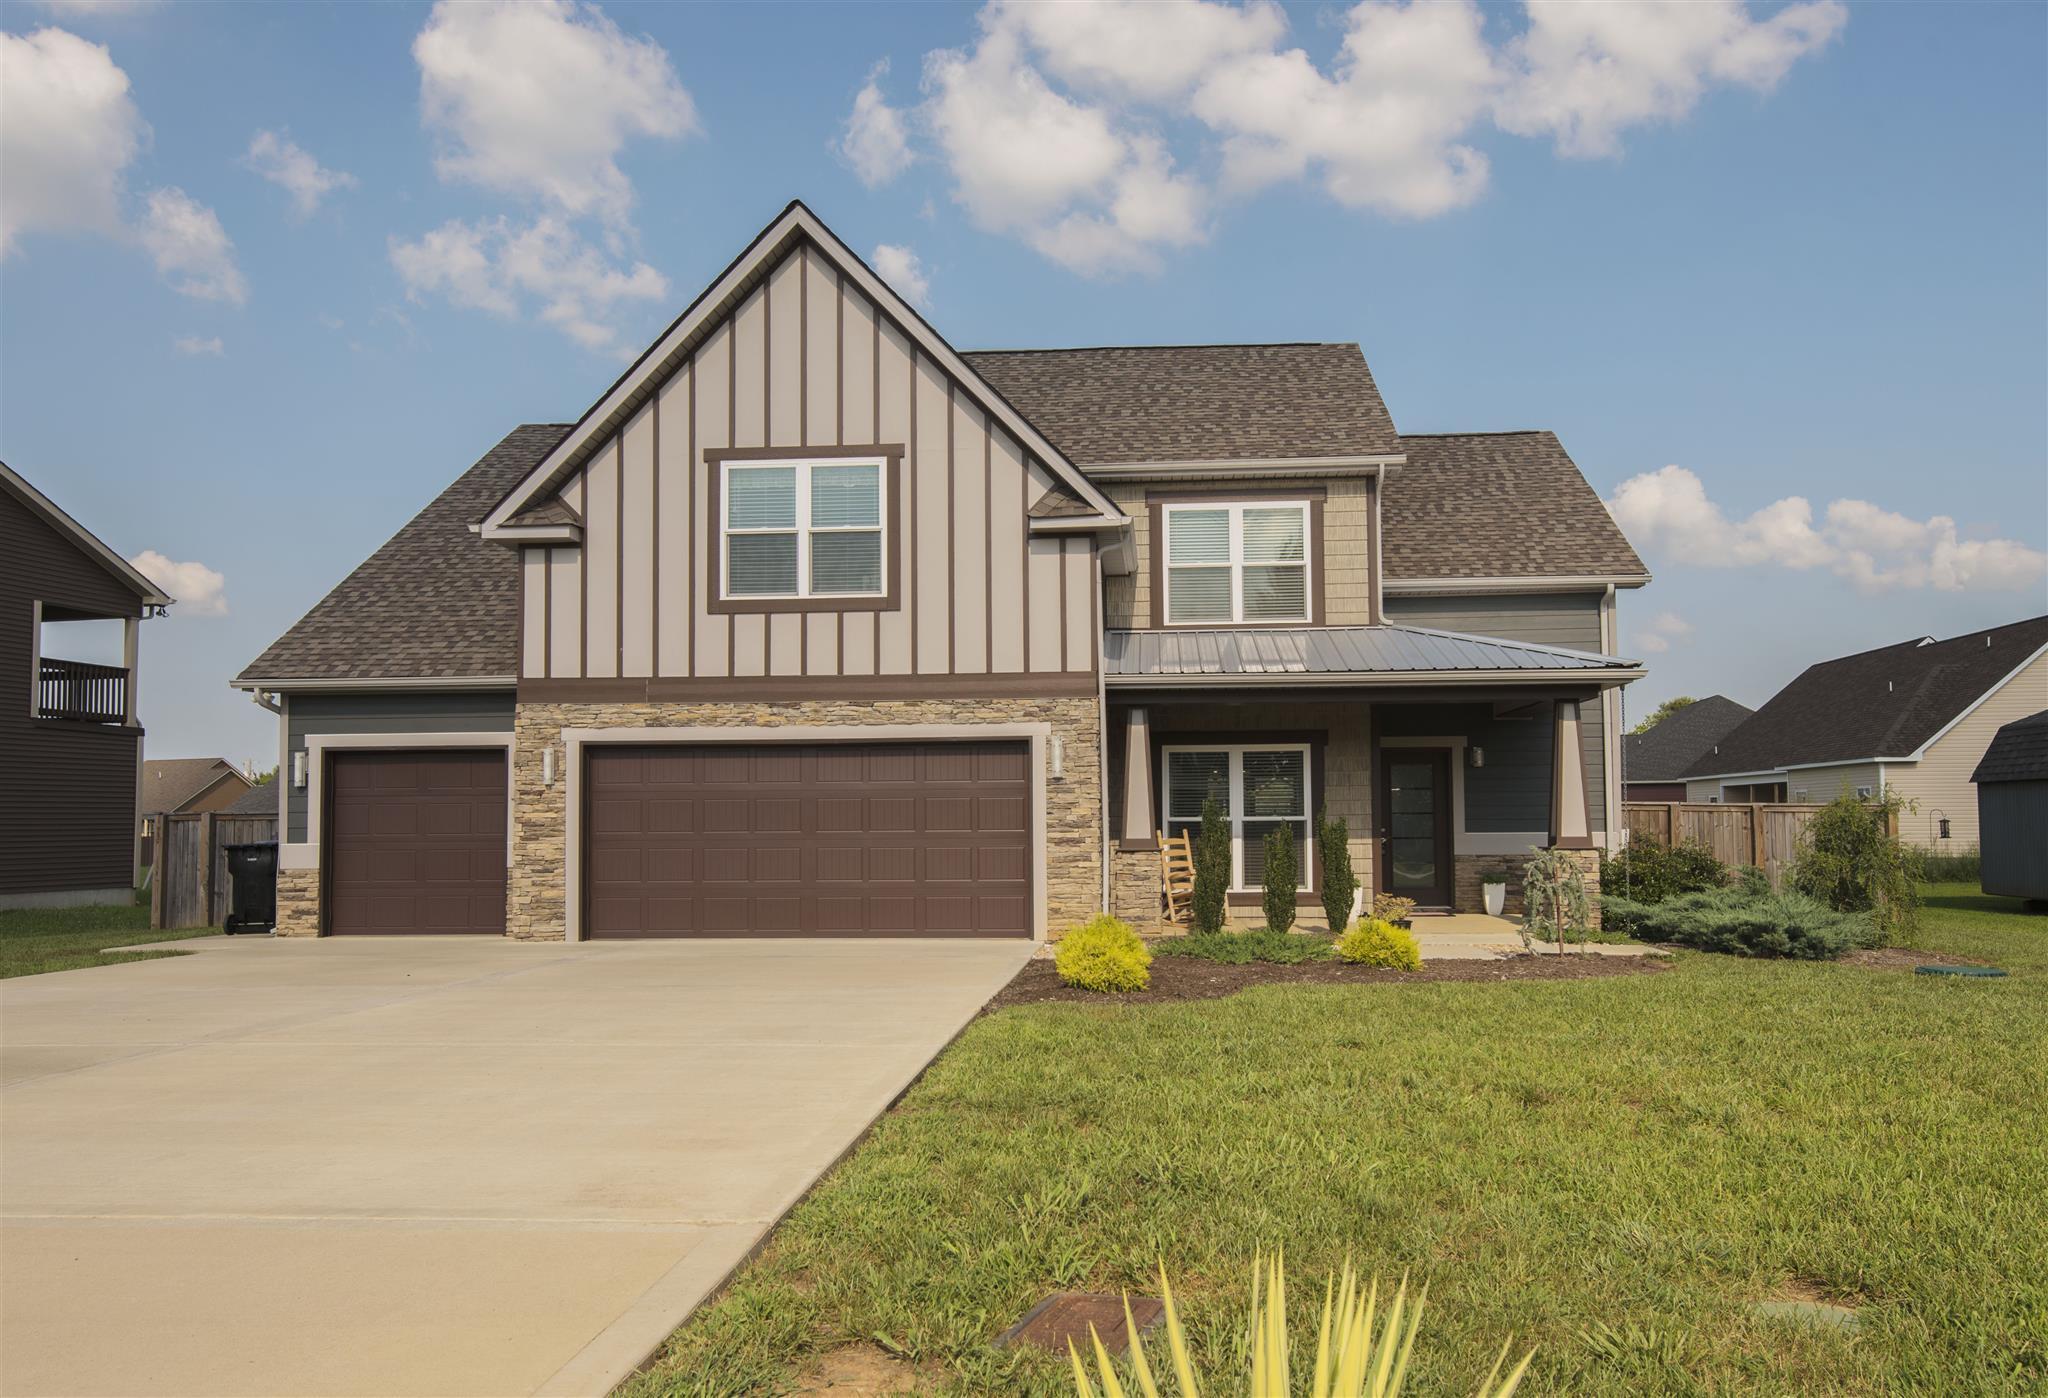 Photo of 306 Drema Ct  Murfreesboro  TN